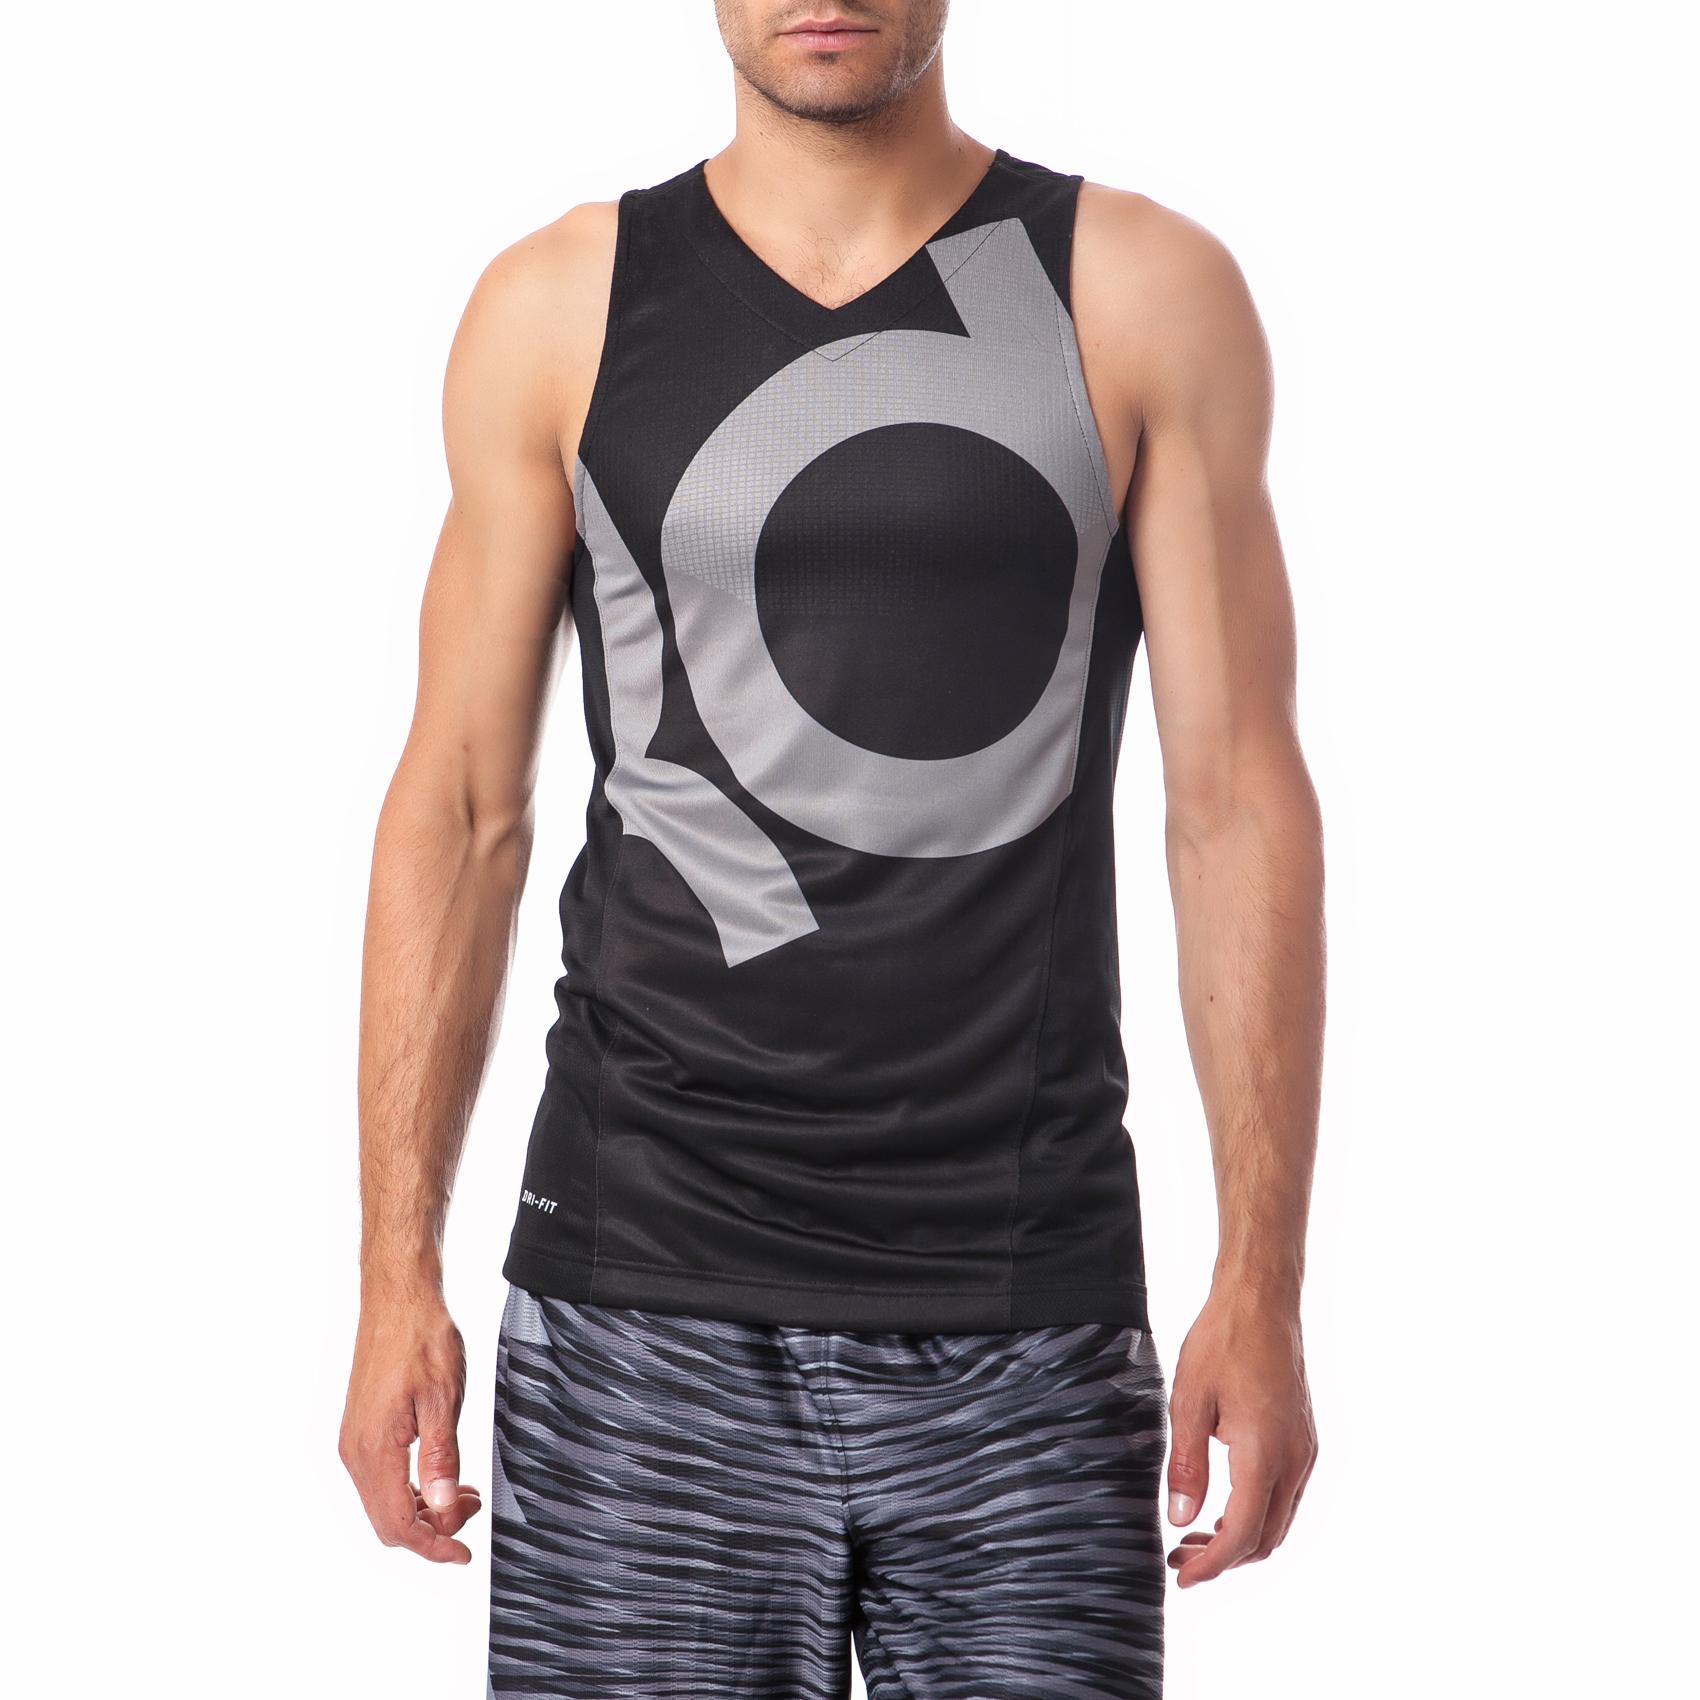 NIKE - Ανδρική μπλούζα Nike μαύρη c30ee4b1db7